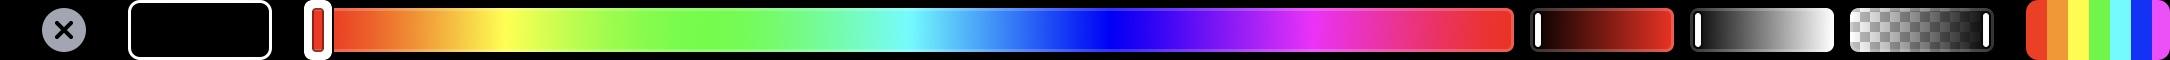 bar-colors-2